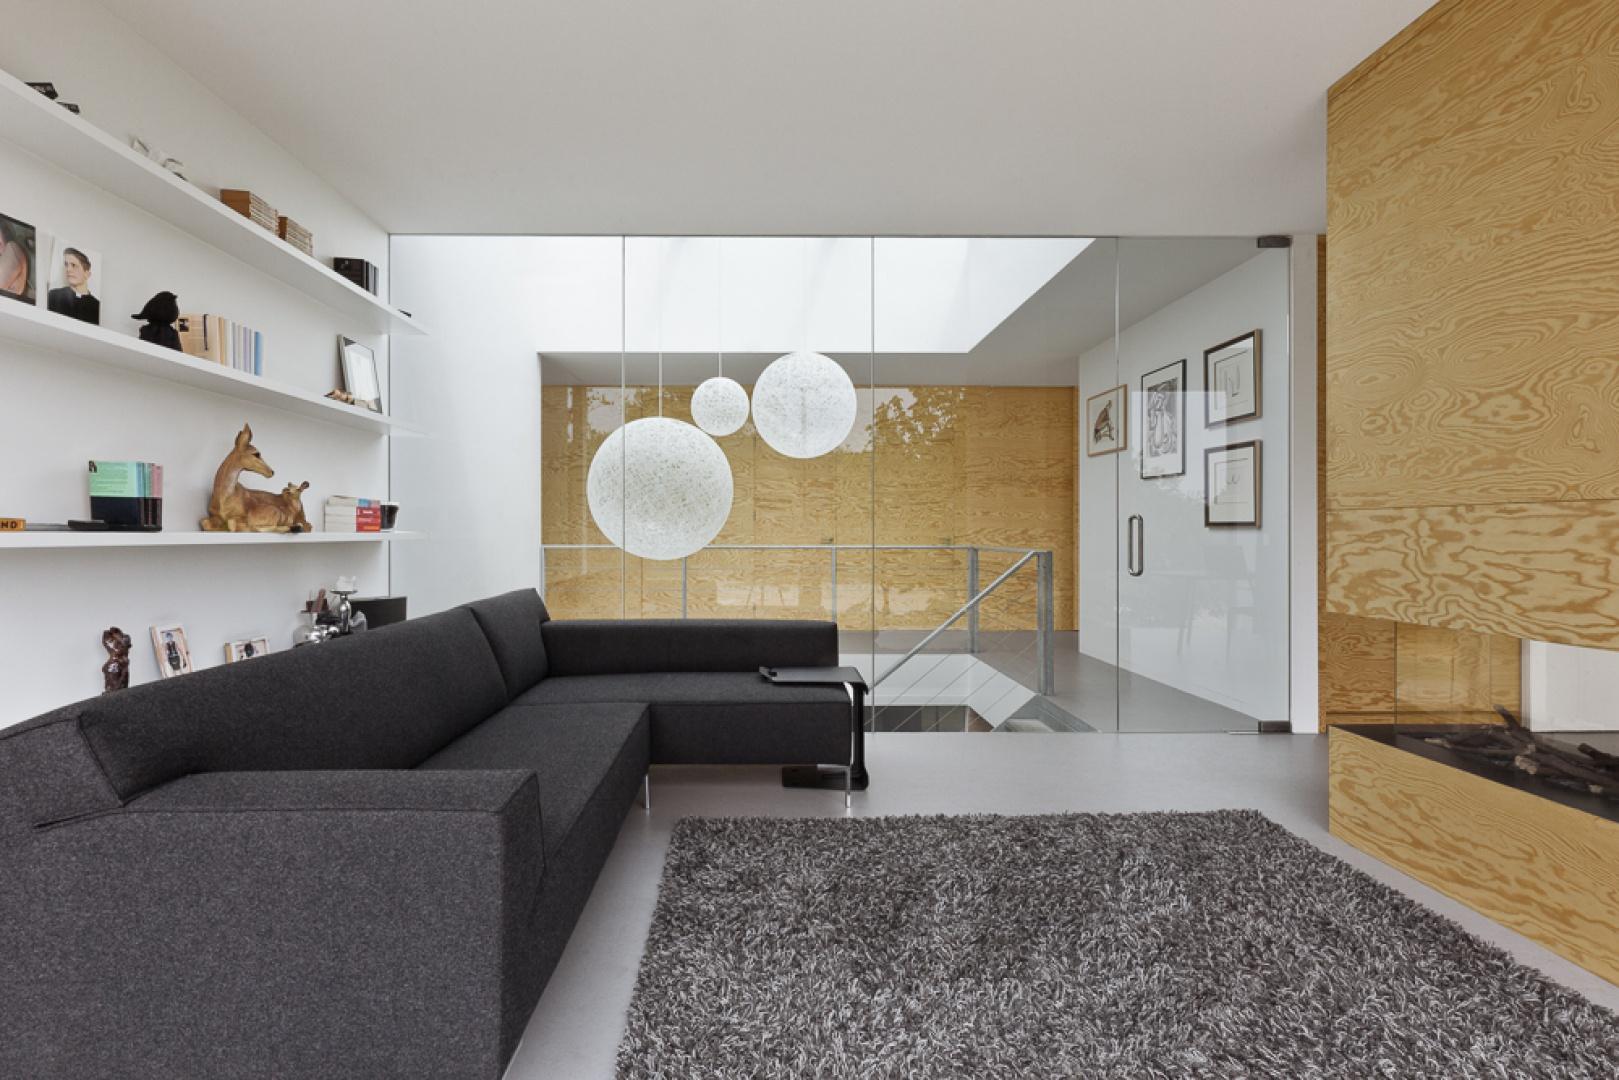 Przytulny klimat w salonie buduje miękki dywan, wygodny narożnik oraz - oczywiście - komimnek. Wnętrze rozświetla i optycznie powiększa biel na ścianach oraz przeszklone drzwi, prowadzące do klatki schodowej. Projekt: i29 interior architects. Fot. i29 interior architects.